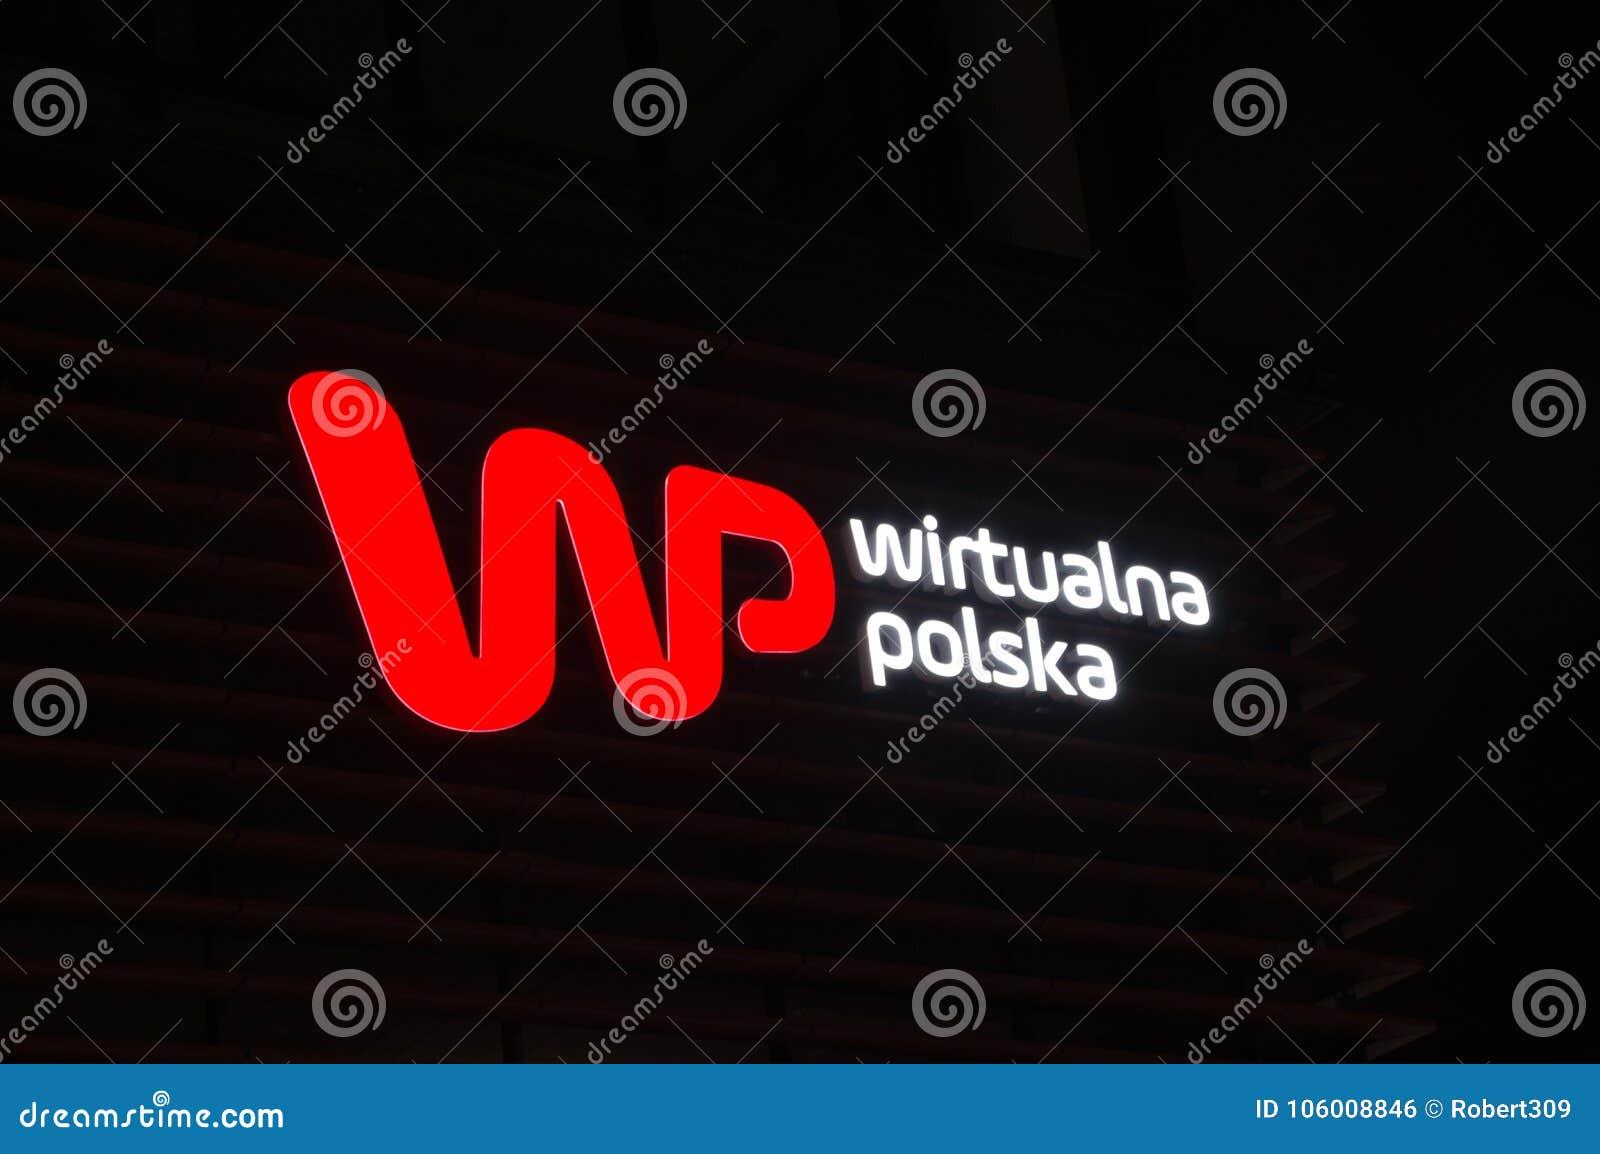 Wirtualna